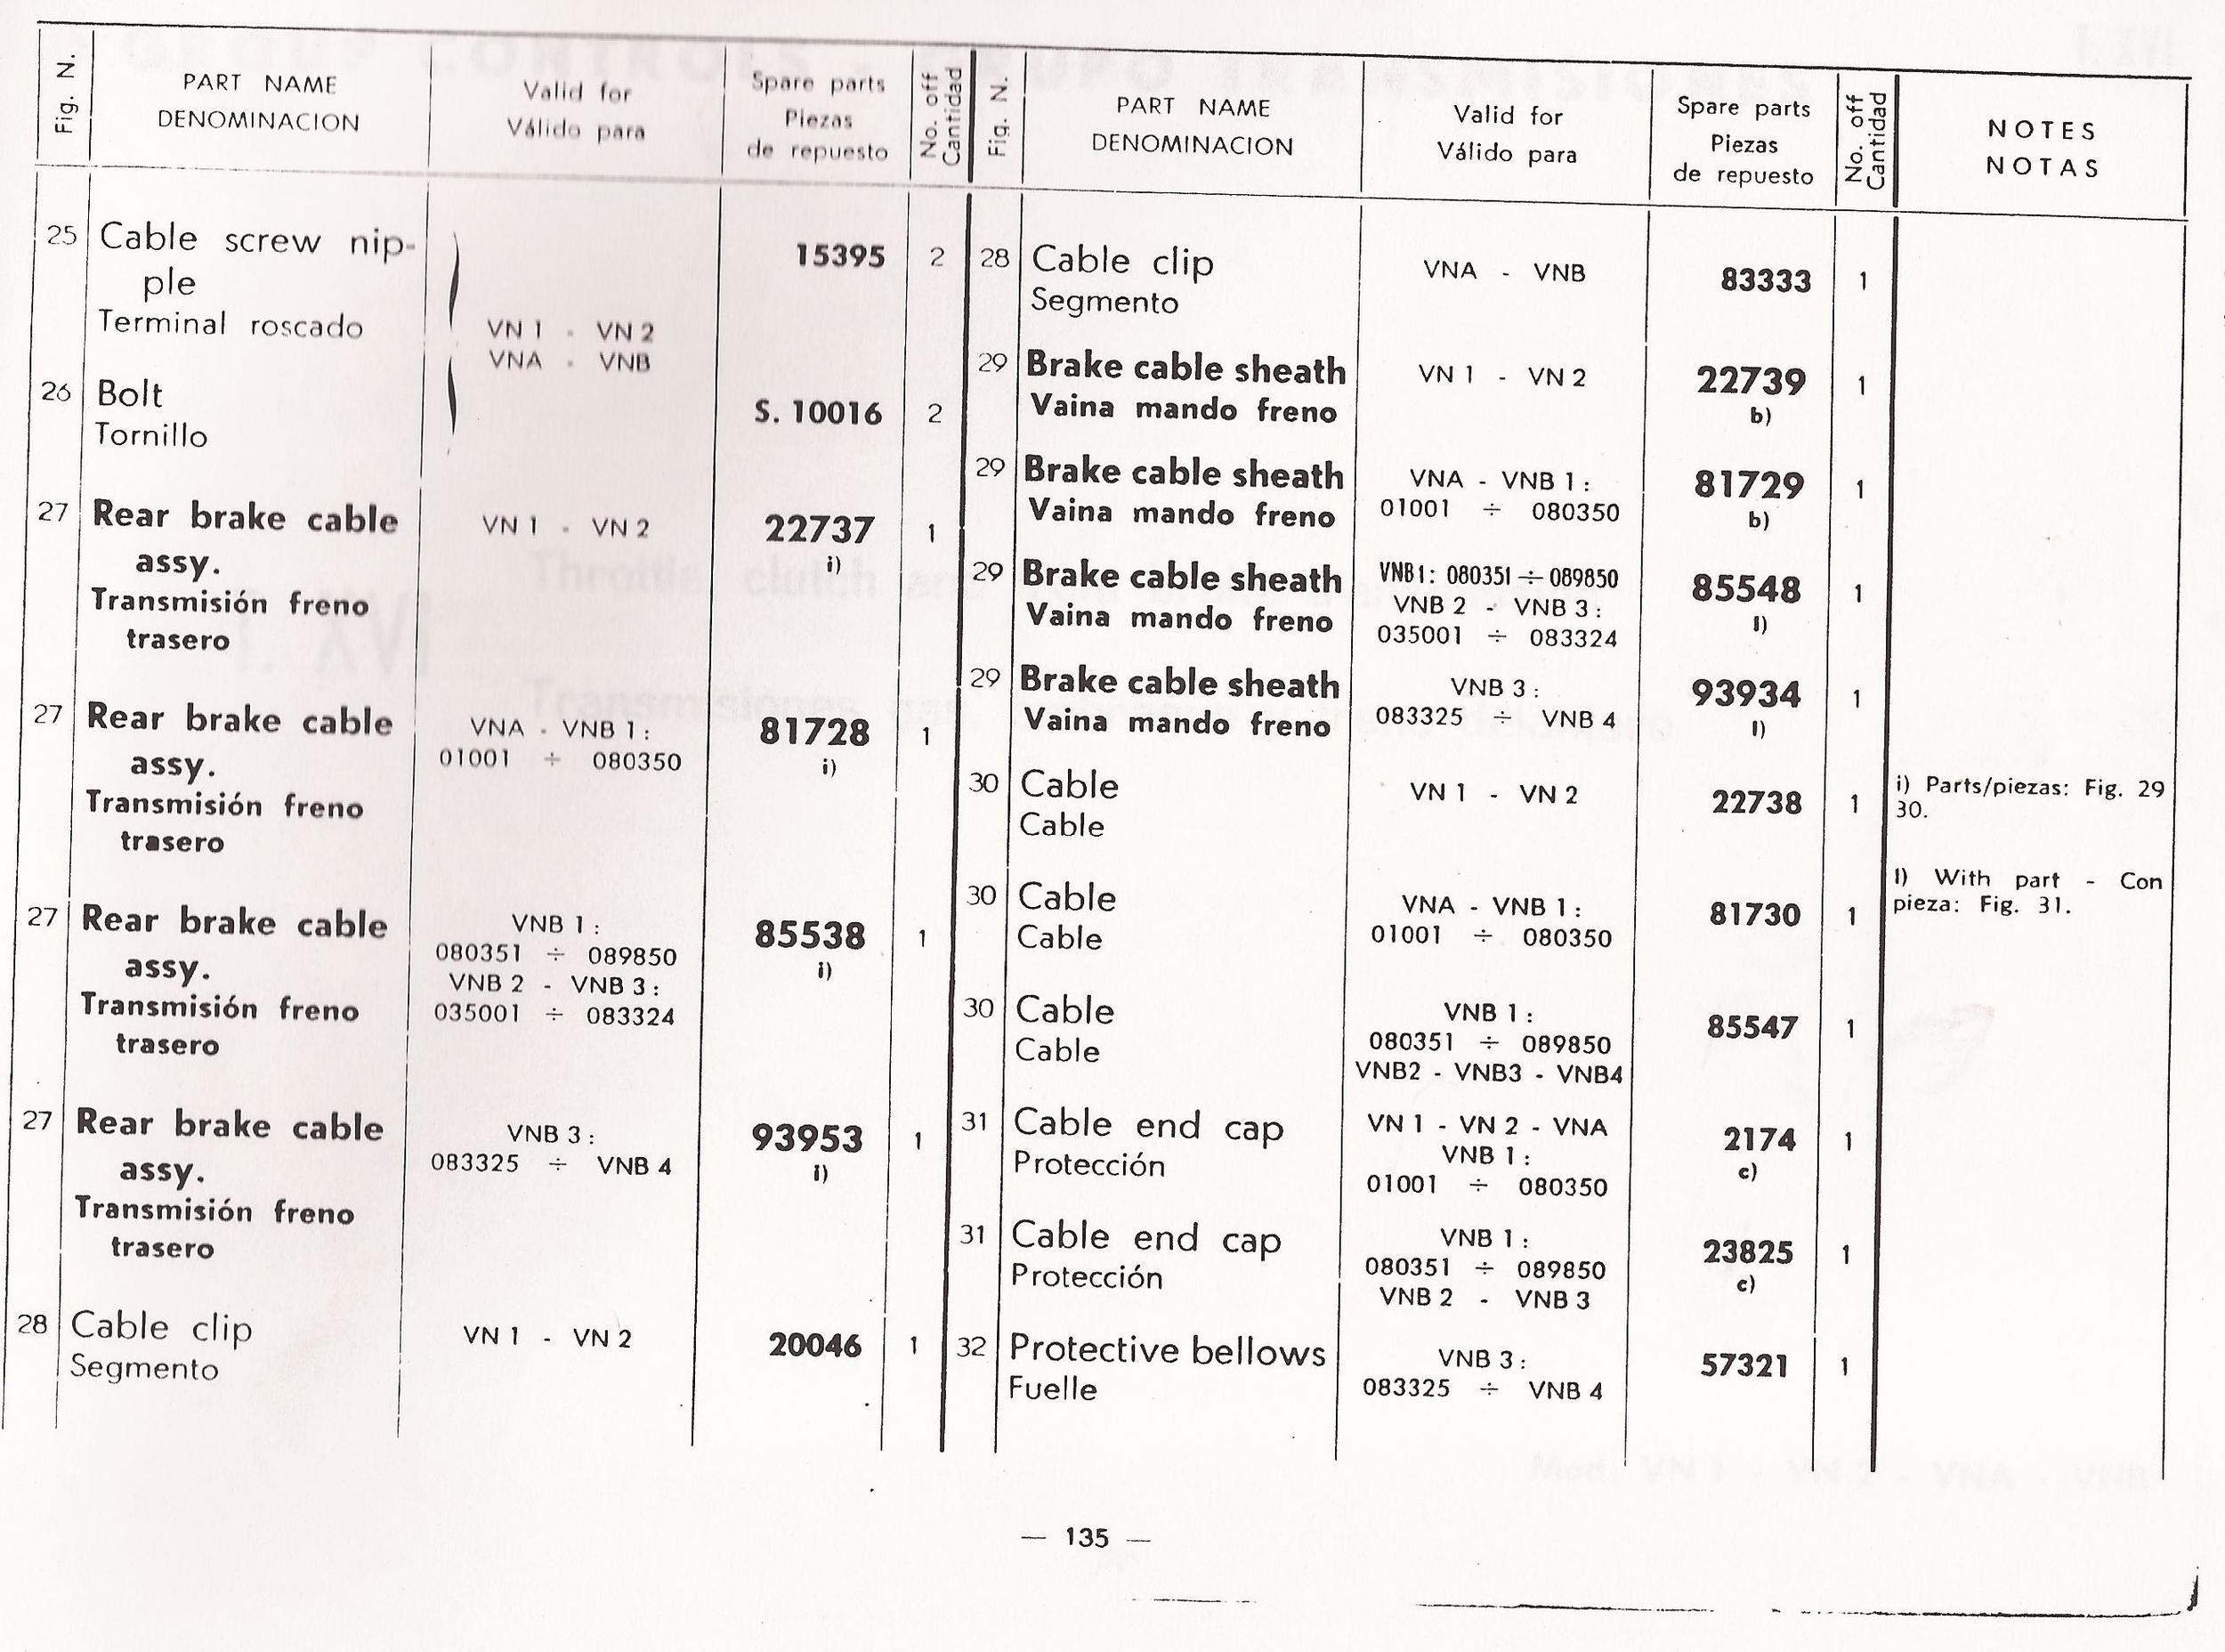 07-16-2013 vespa 125 catalog manuel 146.jpg